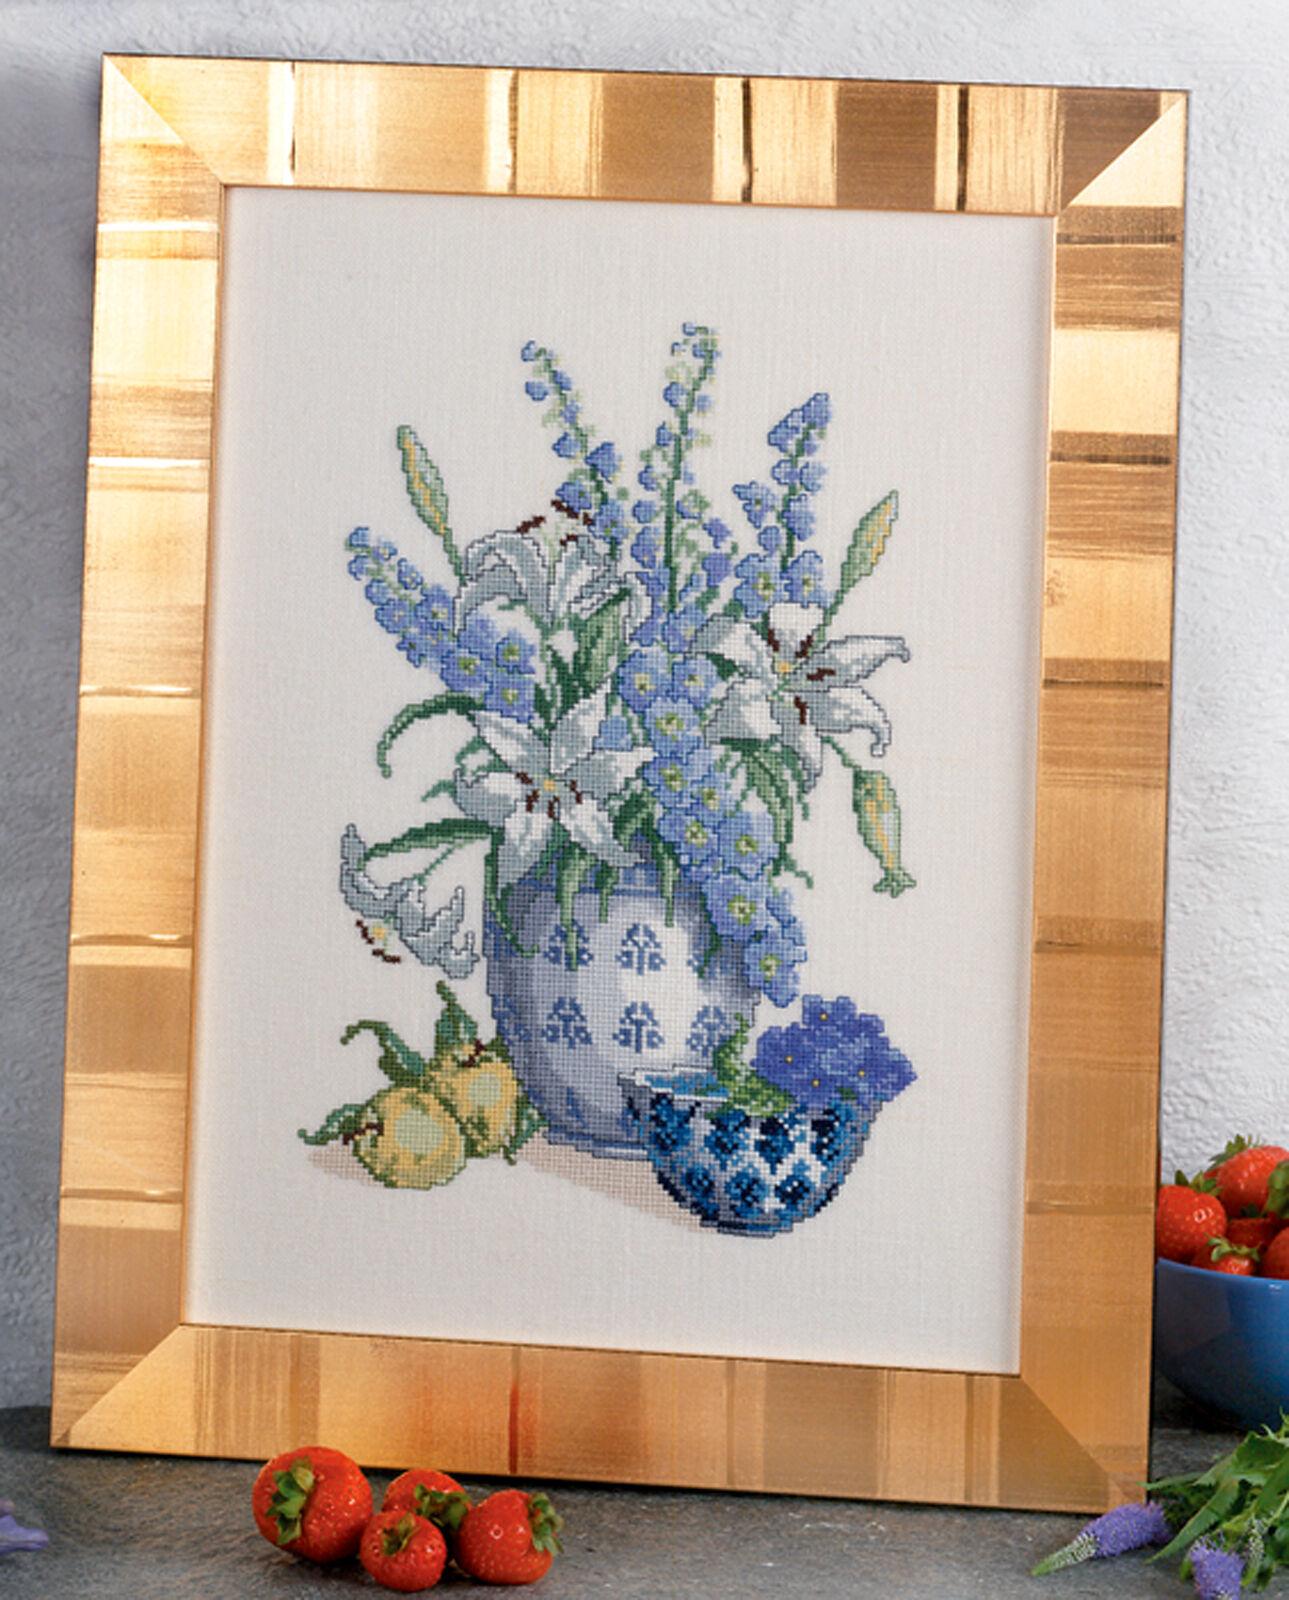 Eva pinknstand 94-461 Bouquet de fleurs white blue Aida kit Lauf gewertet